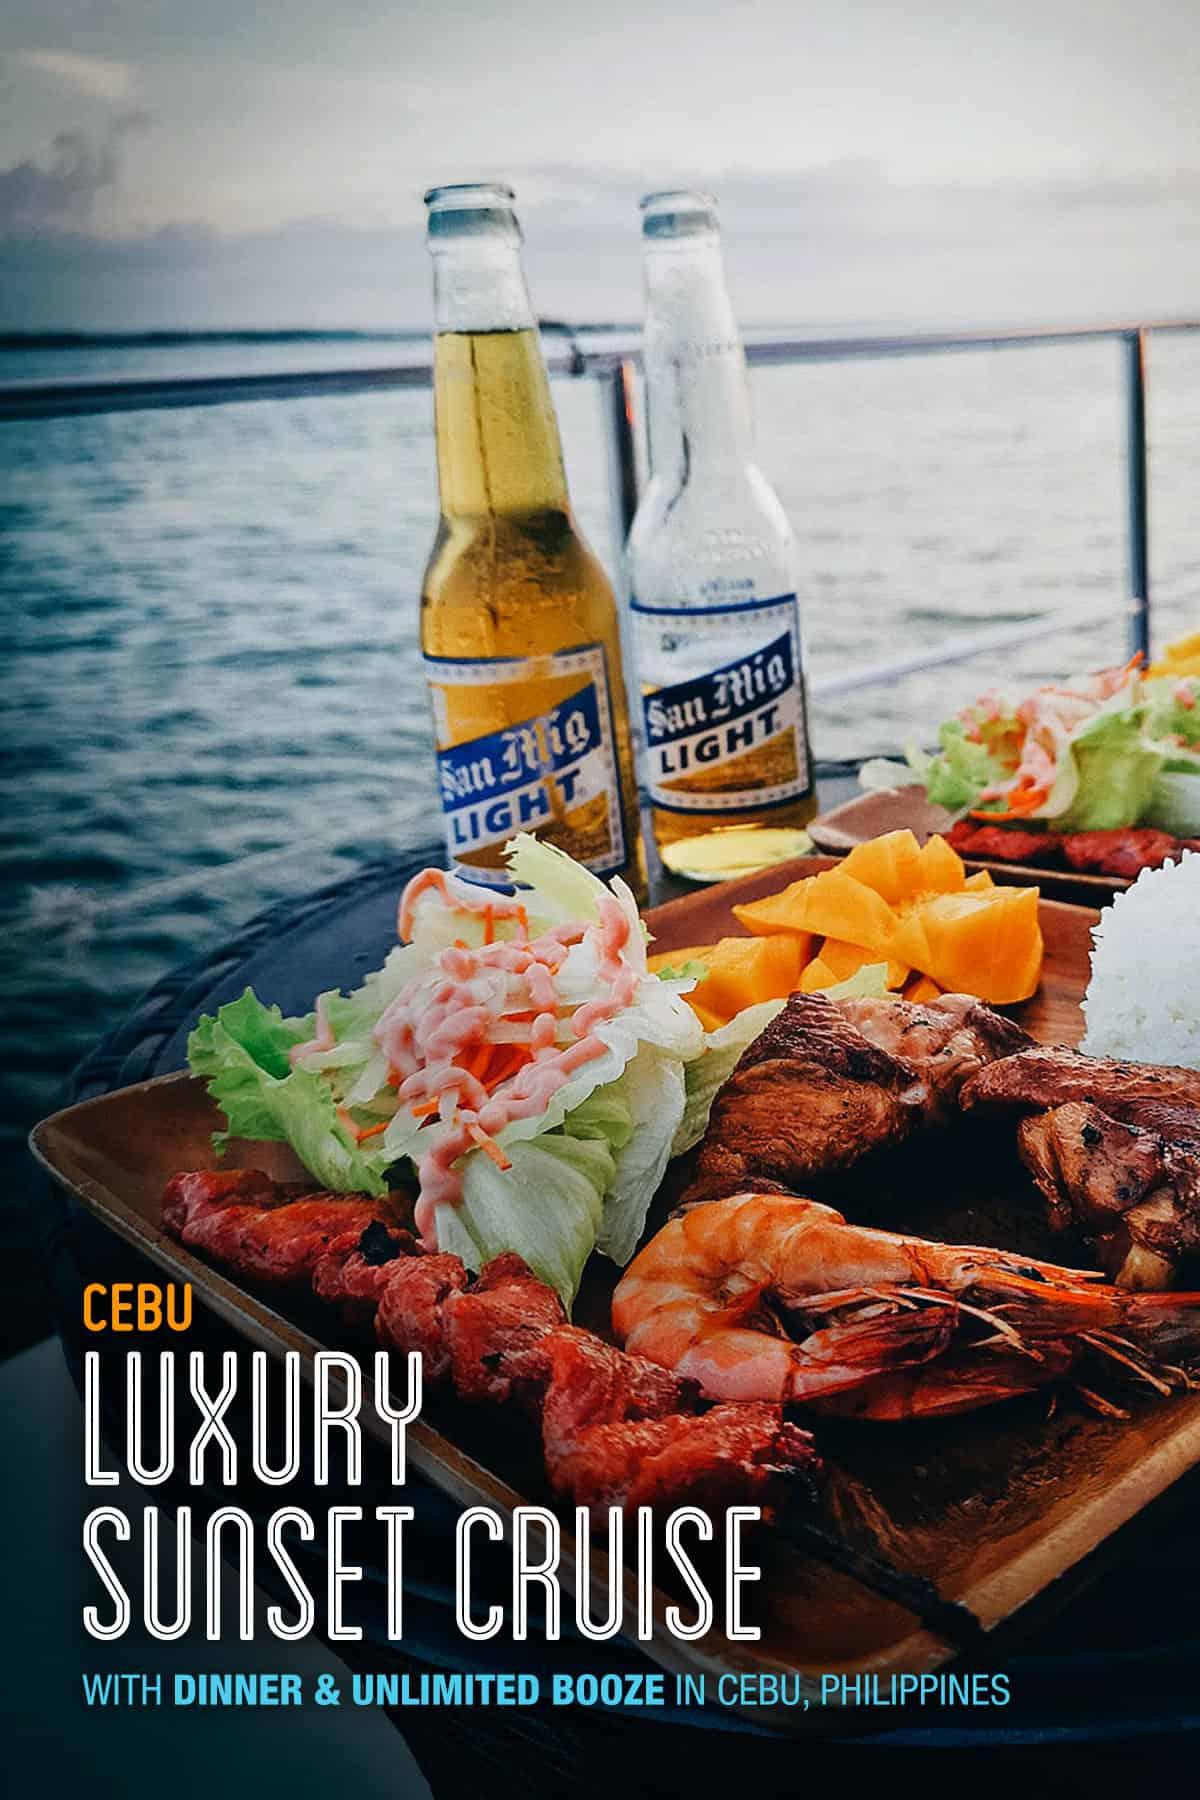 Dinner on yacht